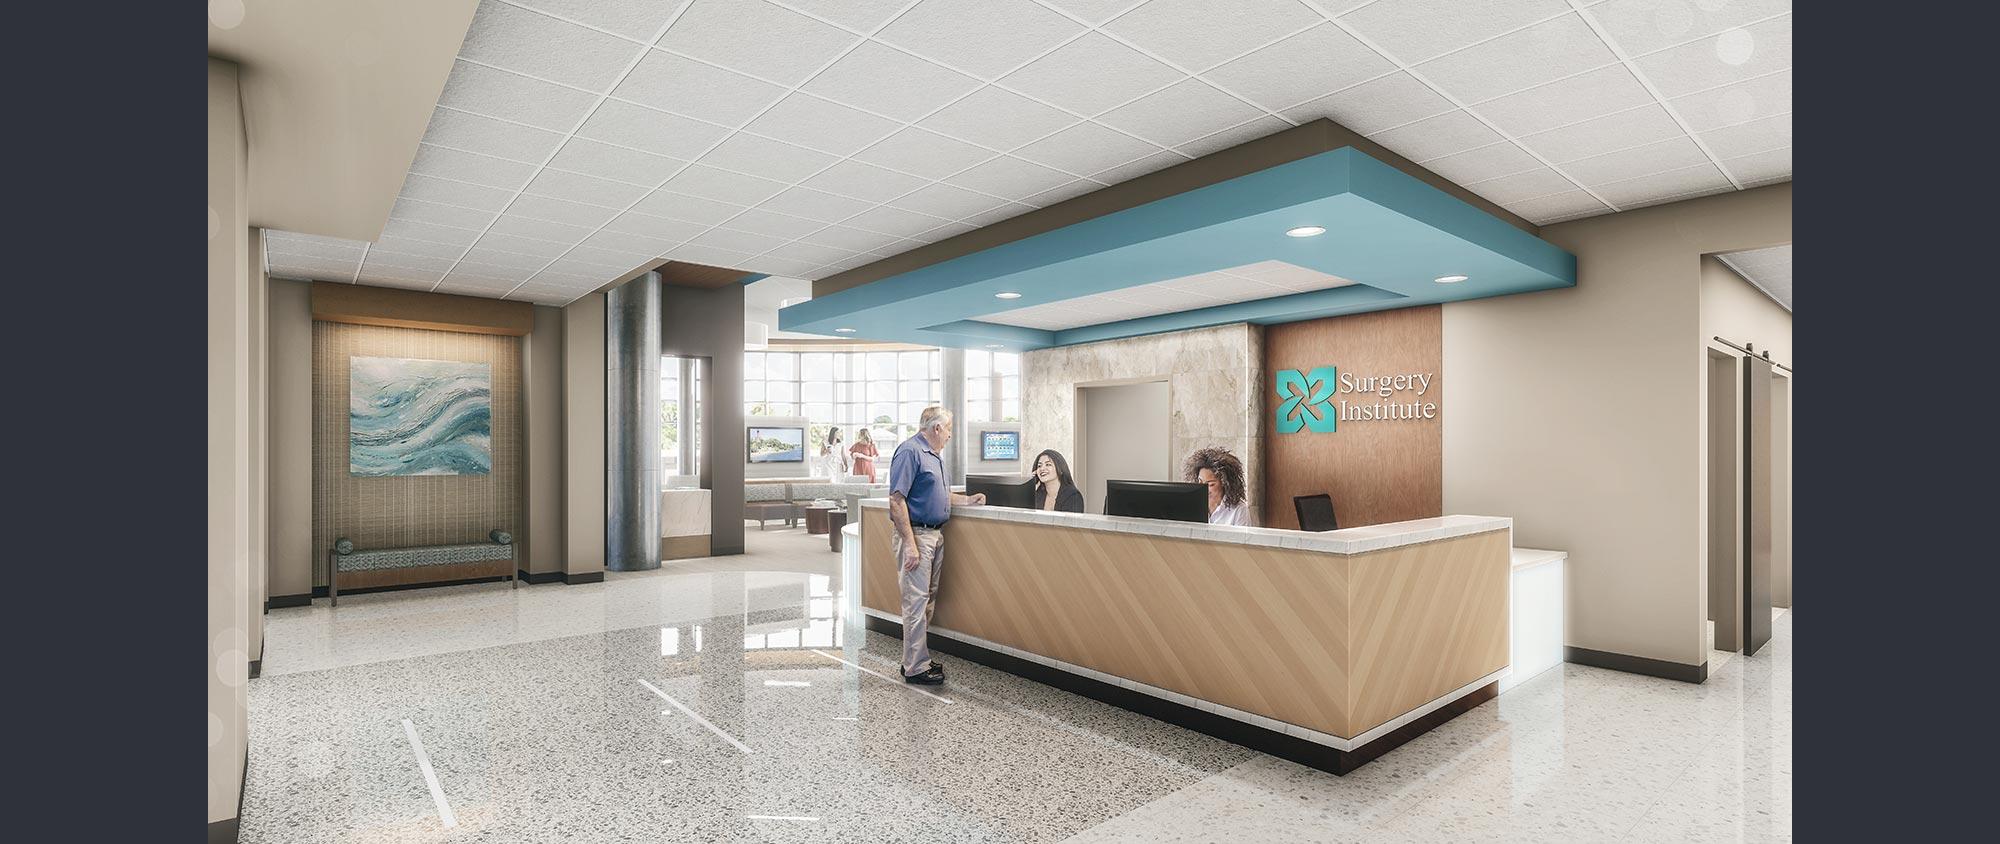 Jupiter Medical Center Surgical Institute